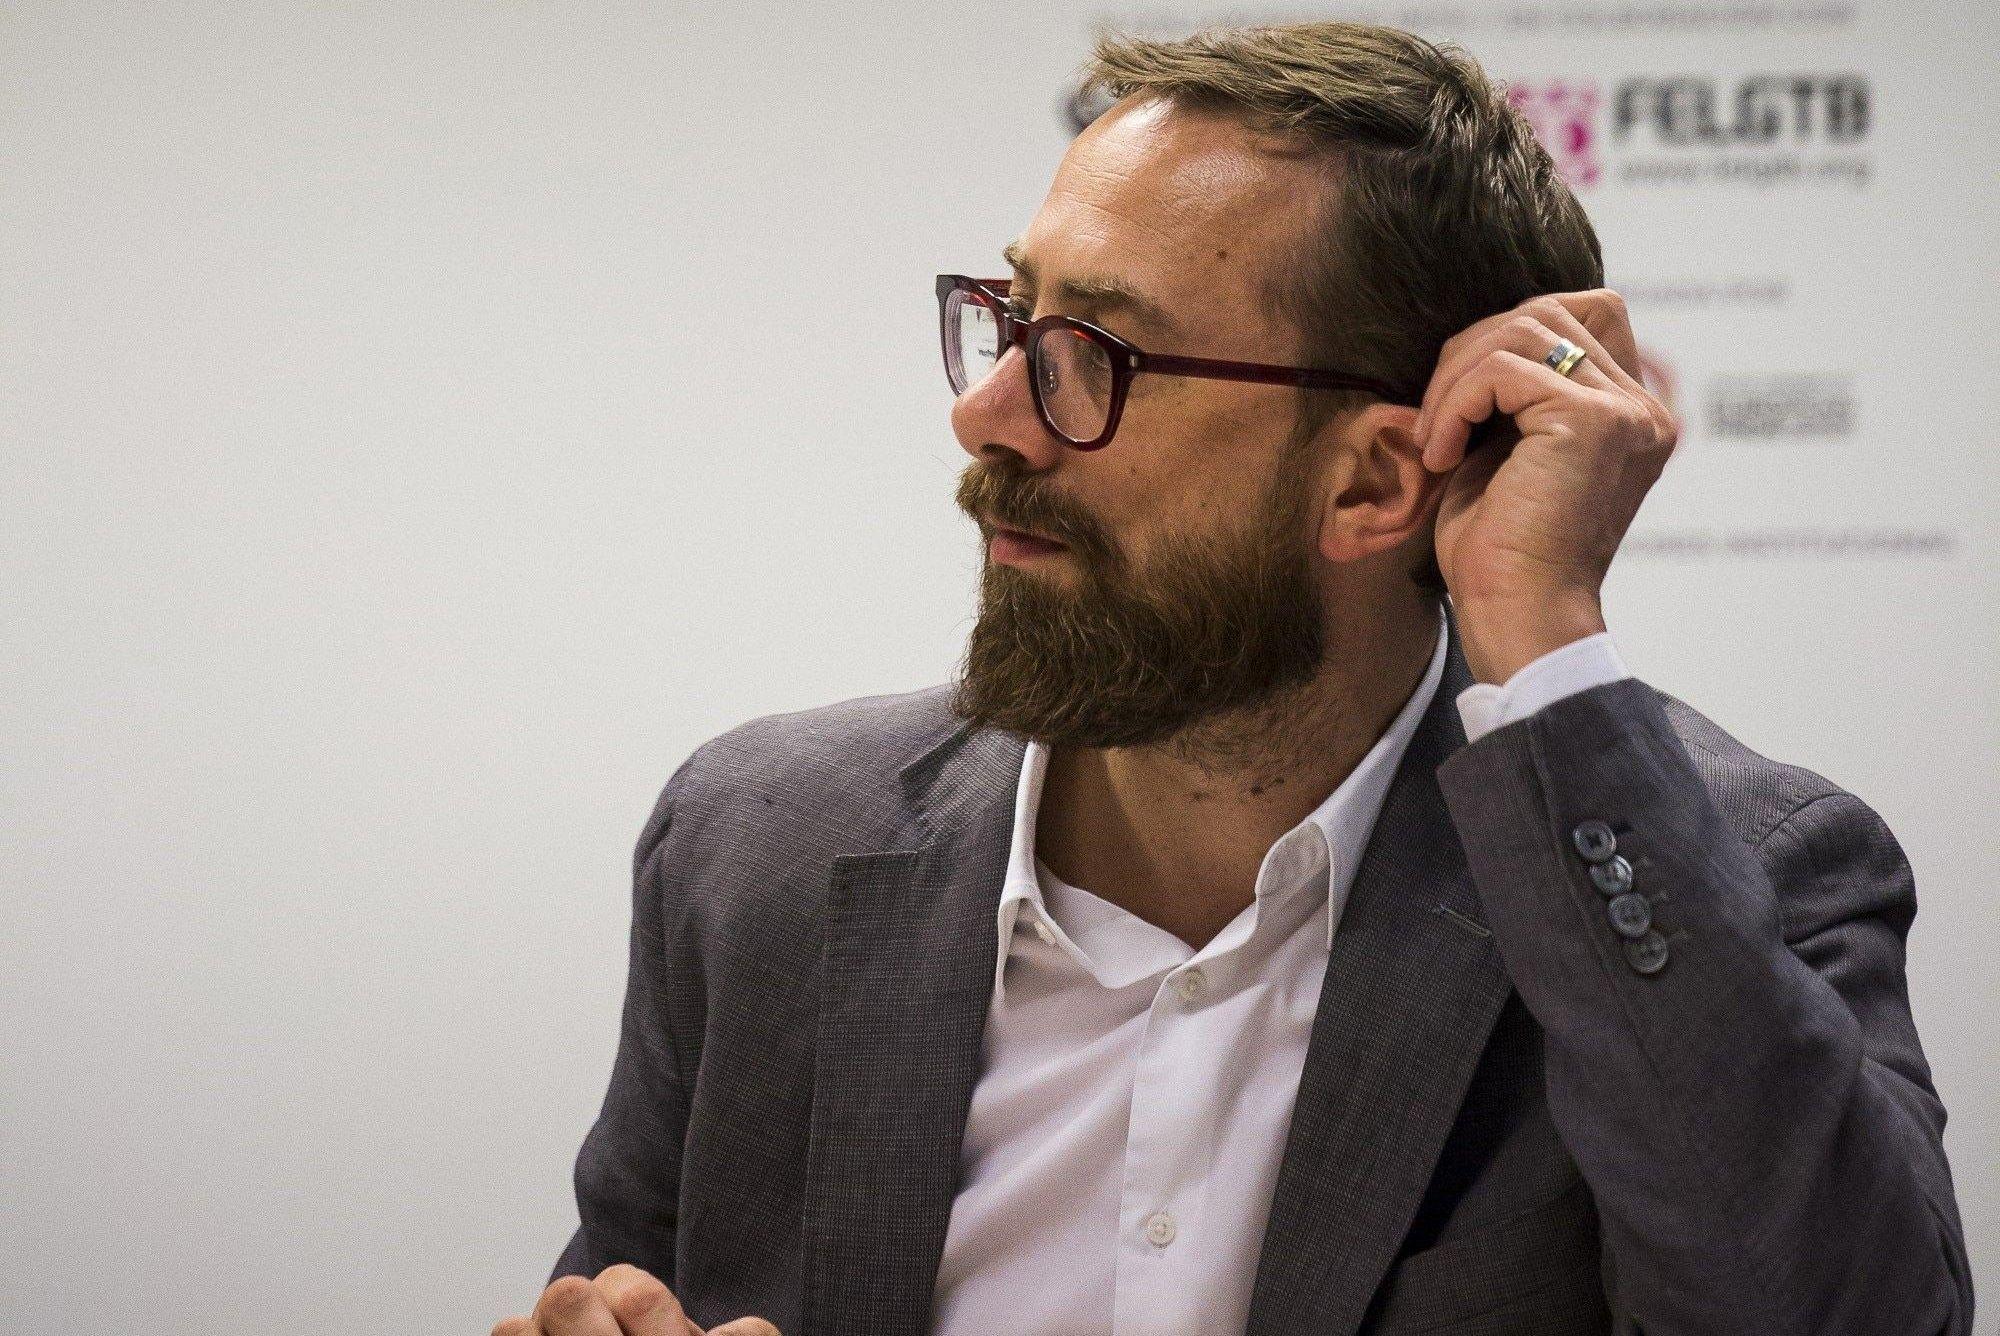 Partito Democratico e matrimoni gay: la missione di Daniele Viotti [INTERVISTA]